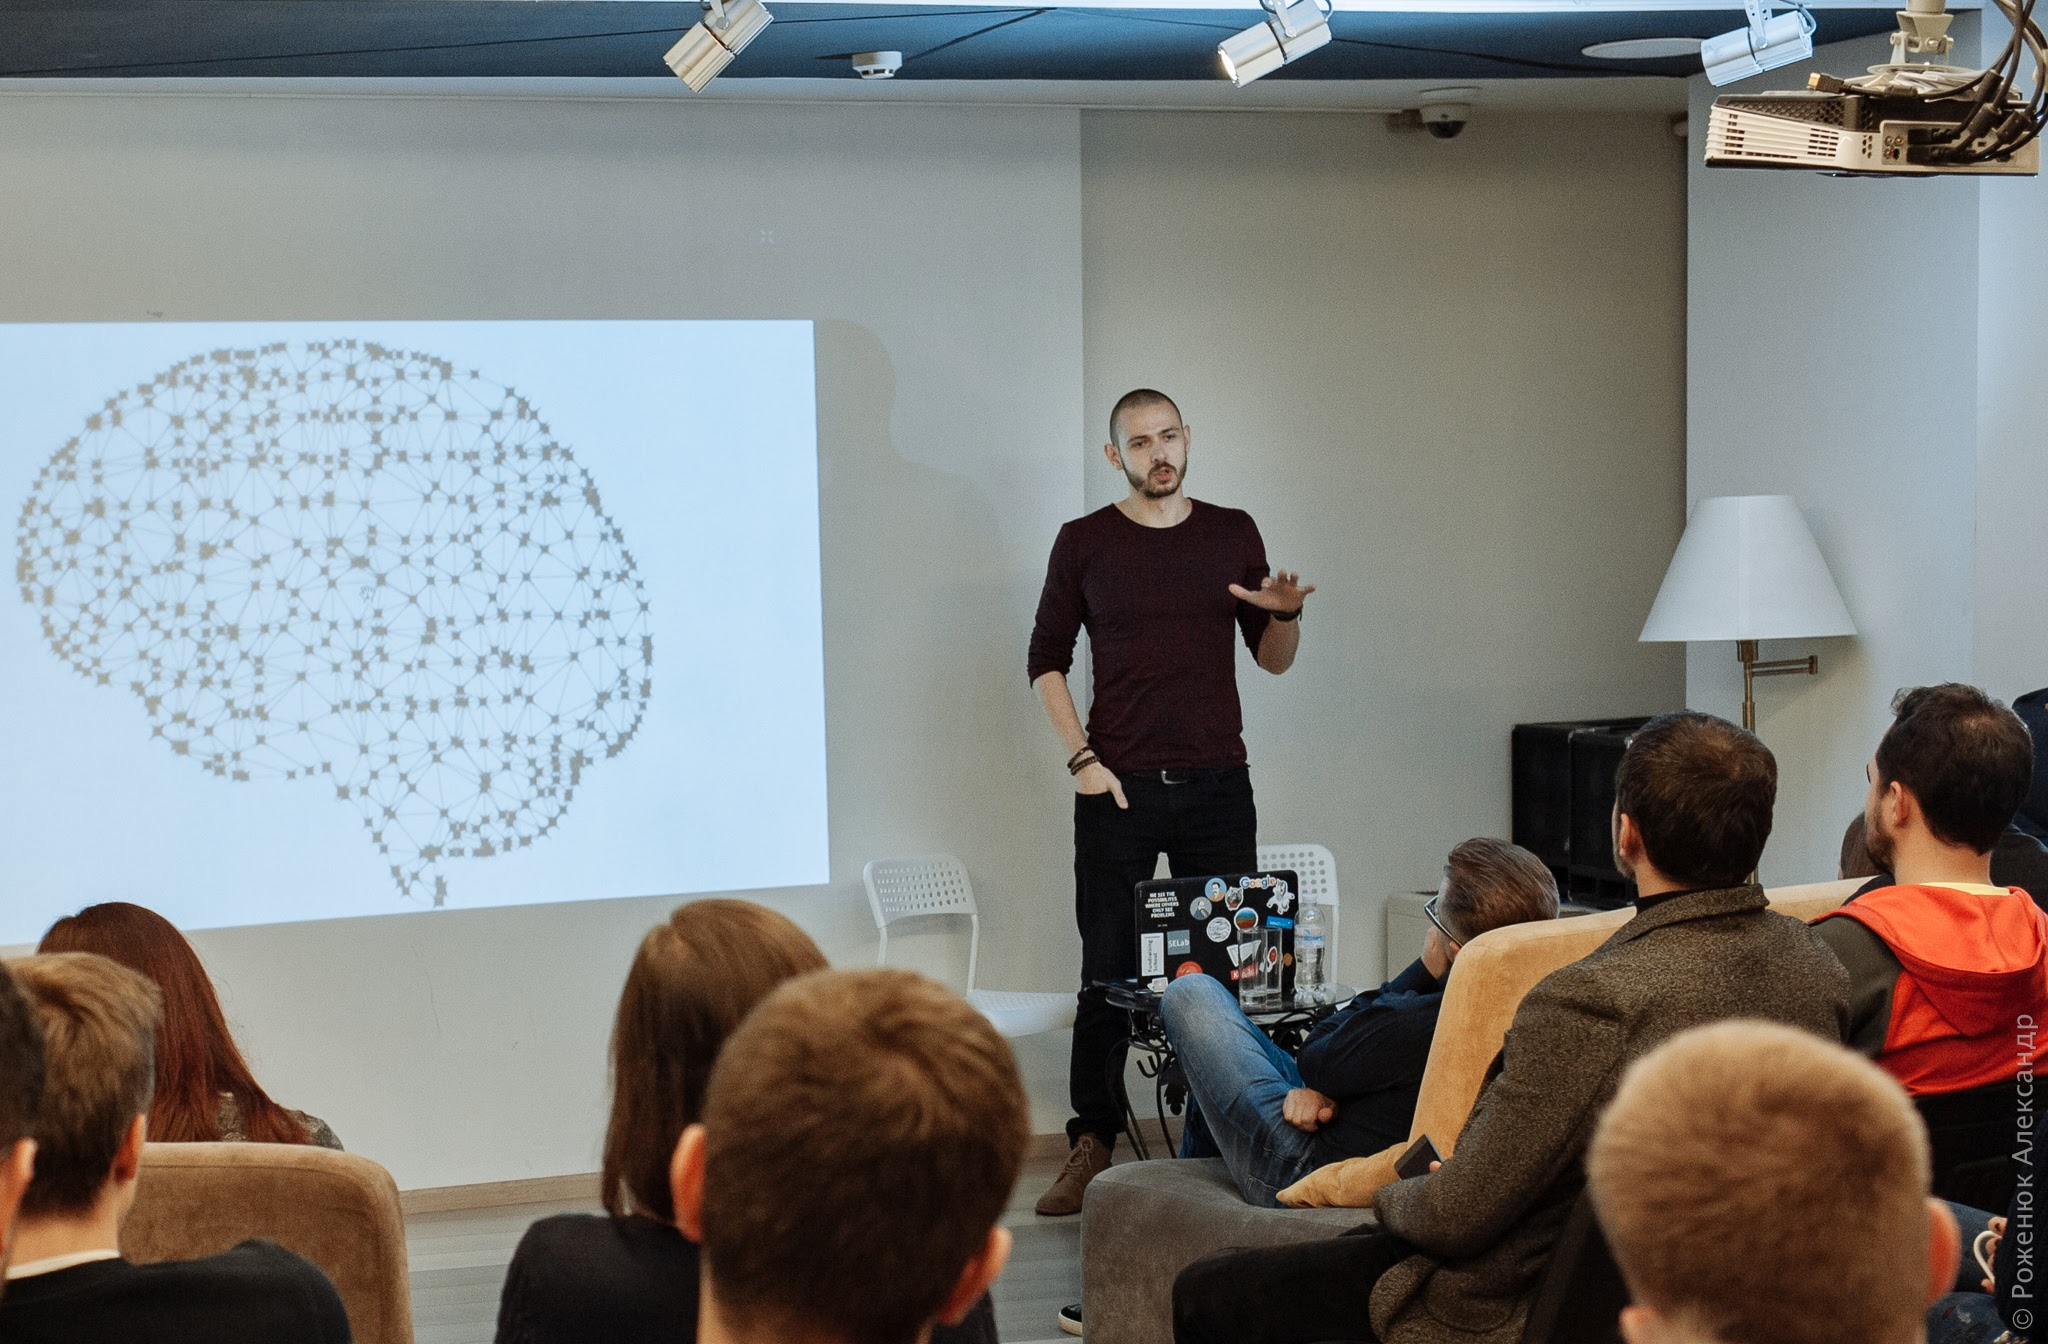 Олексій Чапко, CEO Newzmate — про захист даних та життя медіа «після Facebook»